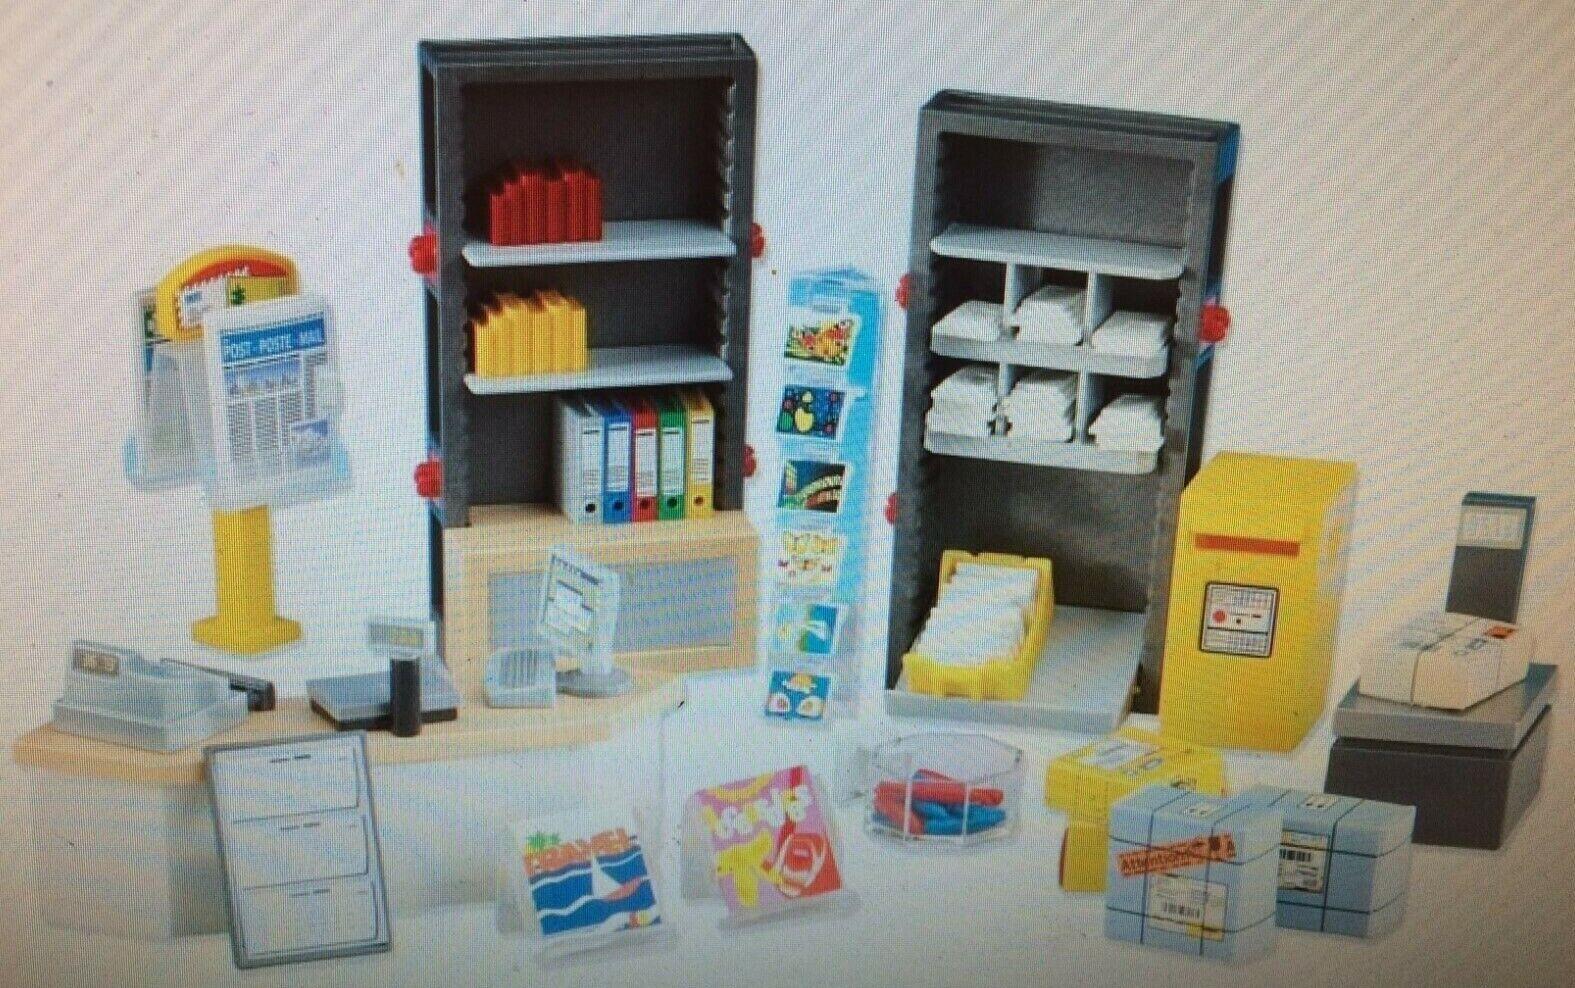 Playmobil 6293 bureau  de poste intérieur Play Set nouveau in sealed Sac d'accessoires rare  économiser 60% de réduction